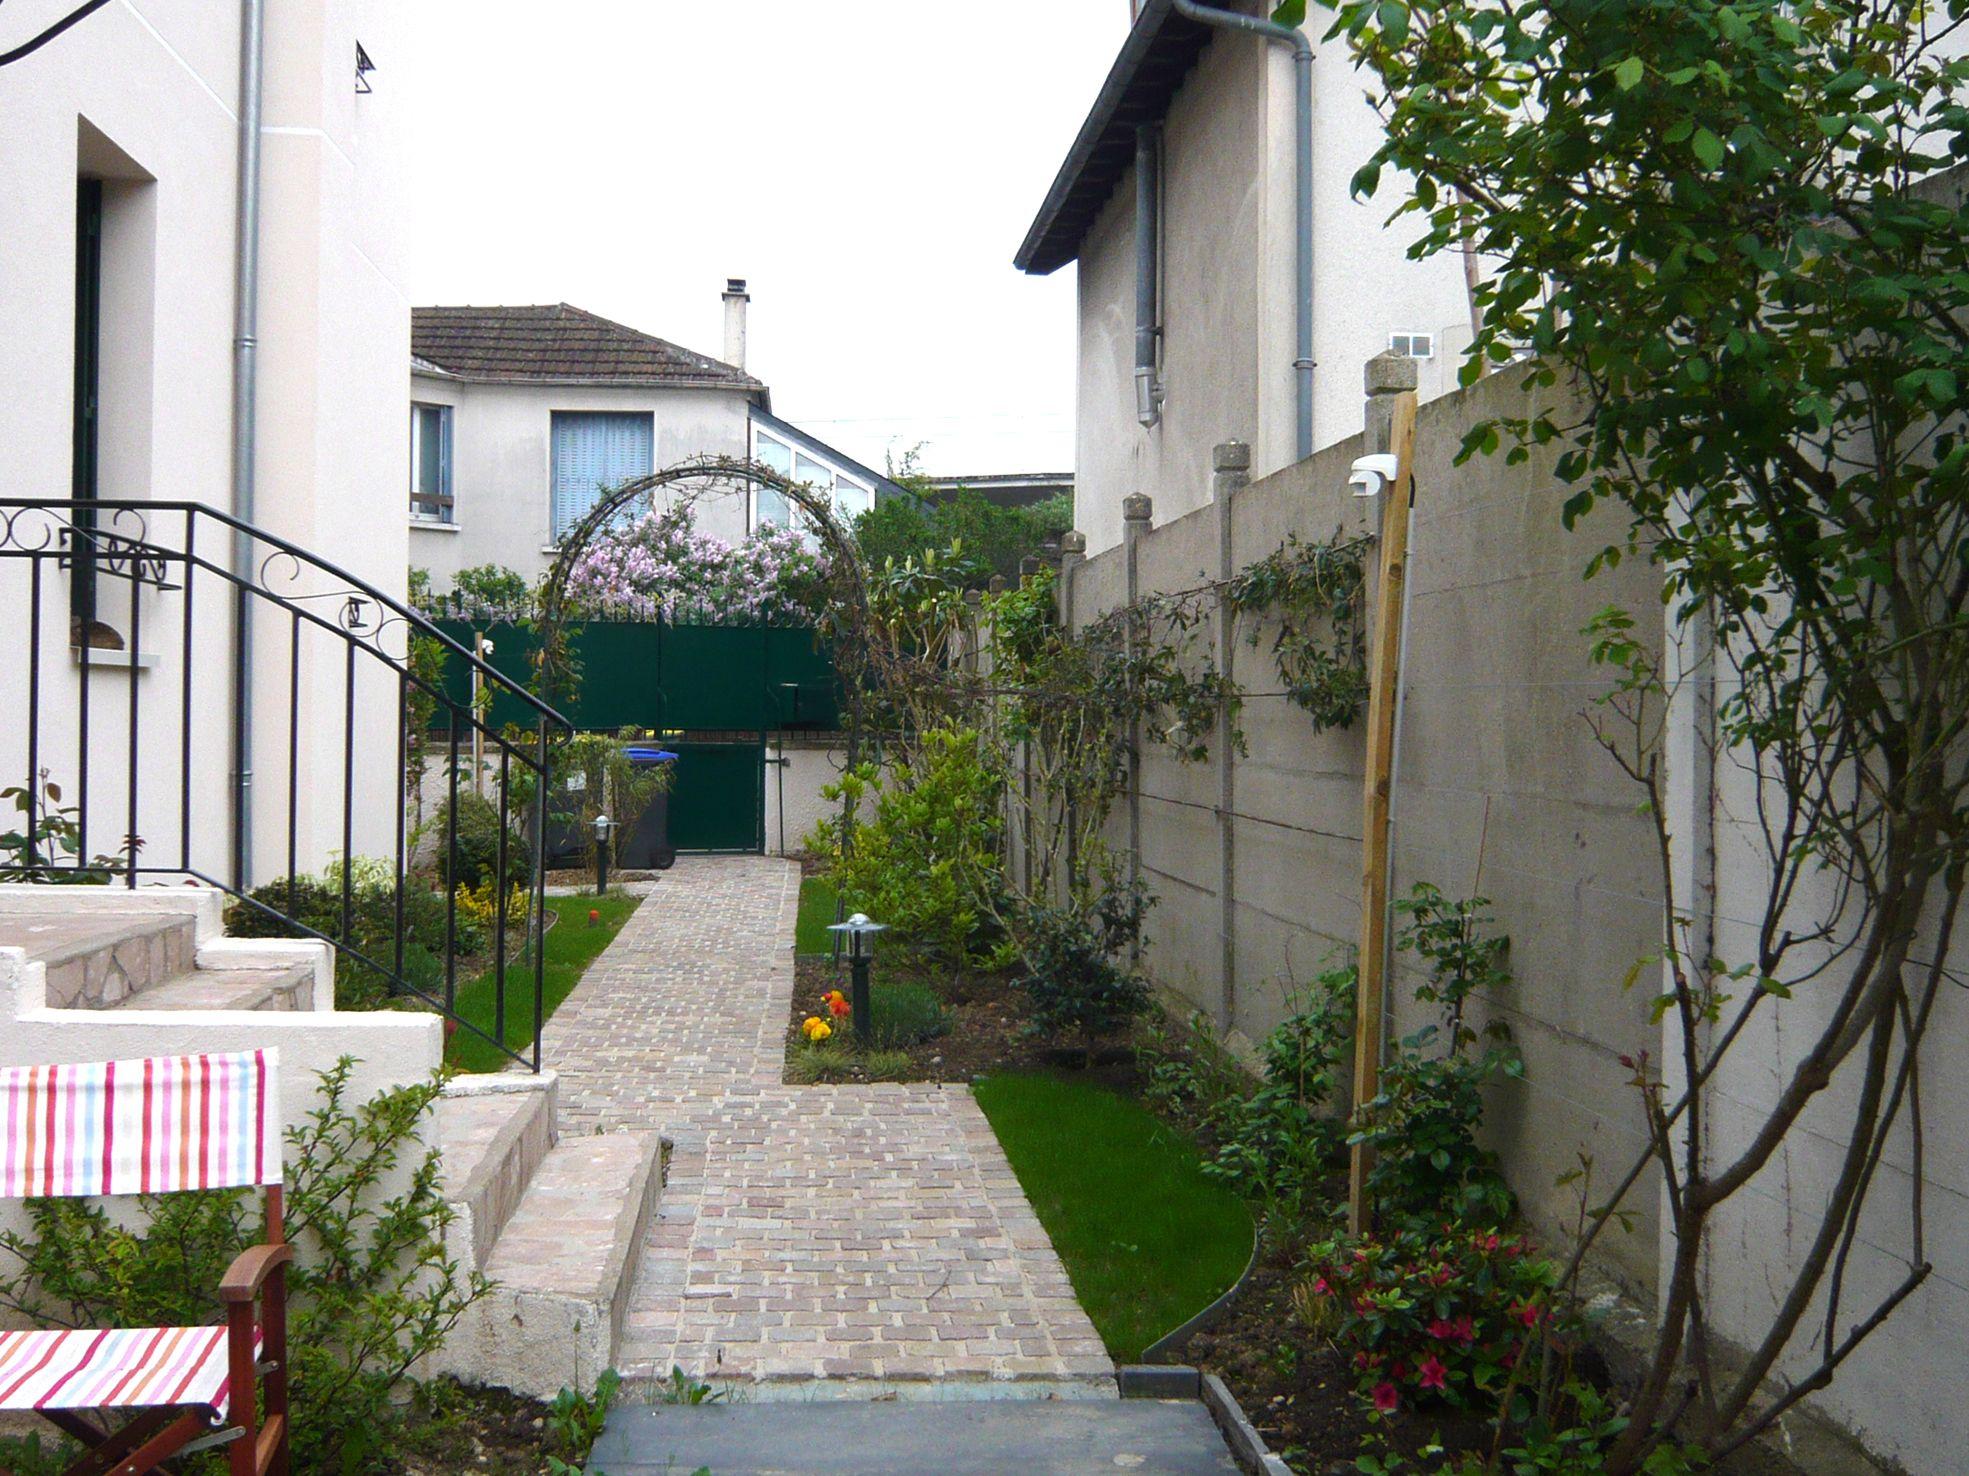 amnagement dun petit jardin de ville - Amenagement D Un Petit Jardin De Ville